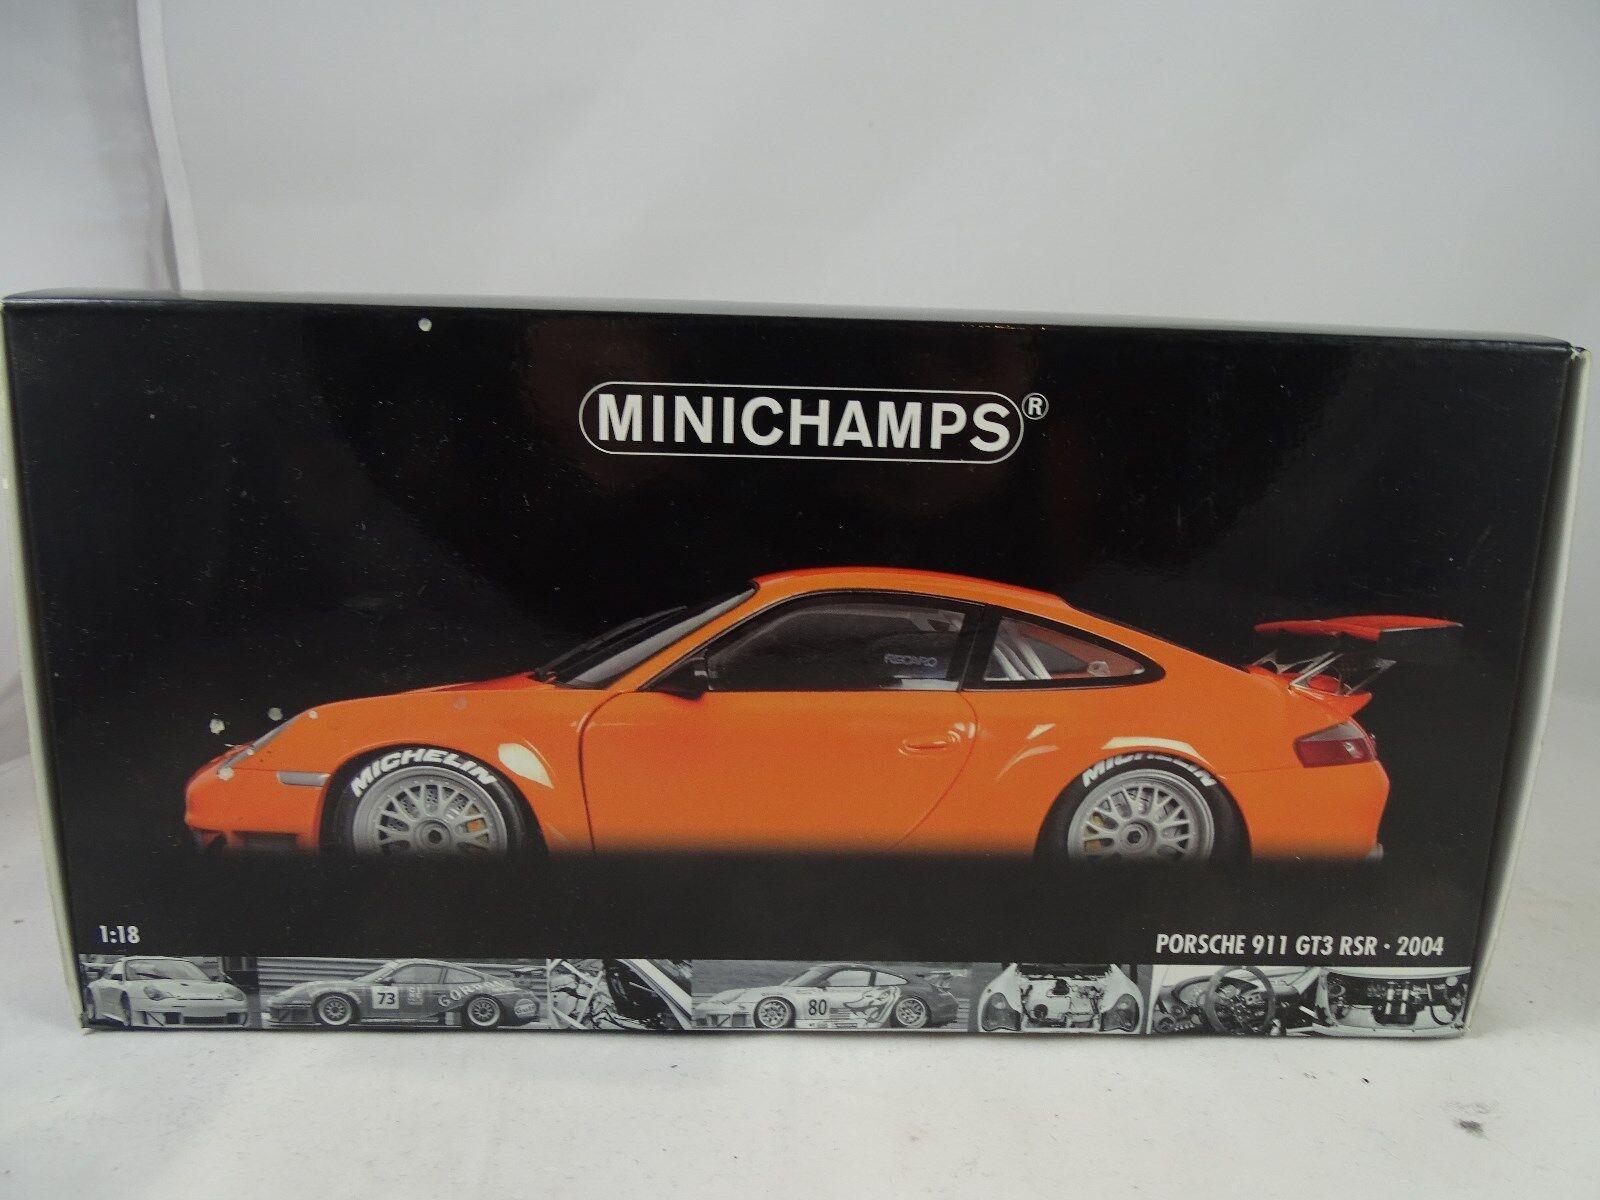 1 18 Minichamps 100046402 Porsche 911 GT3 RSR  2004 Orange Rarity §  vous rendre satisfait